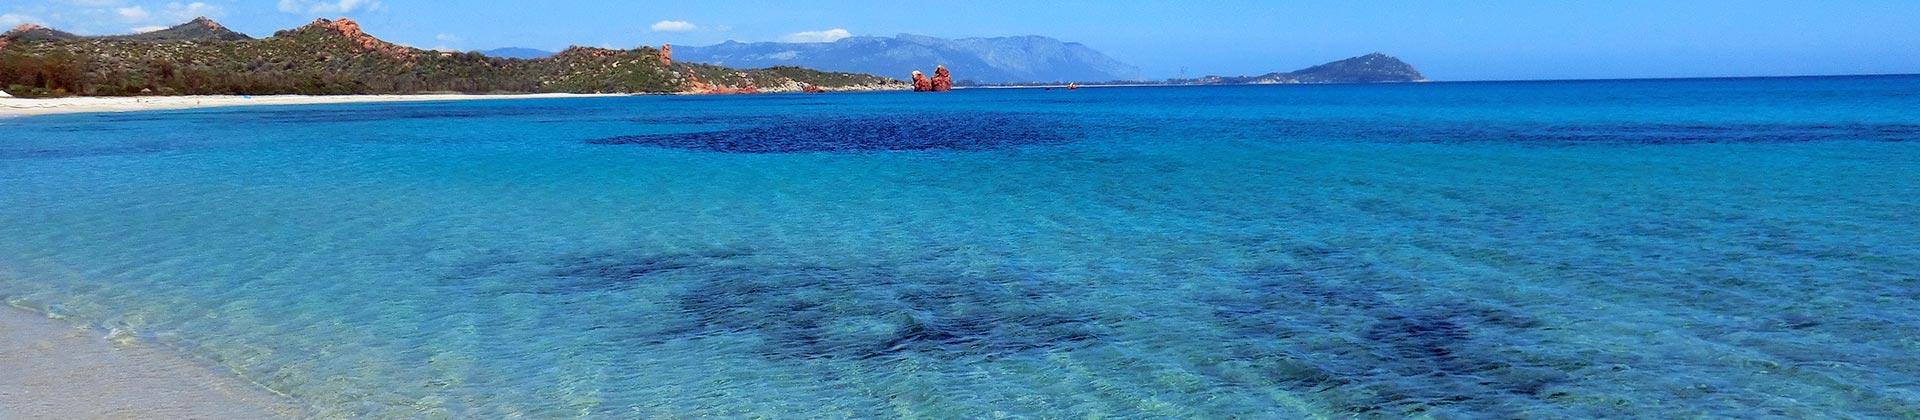 Spiagge Bari Sardo